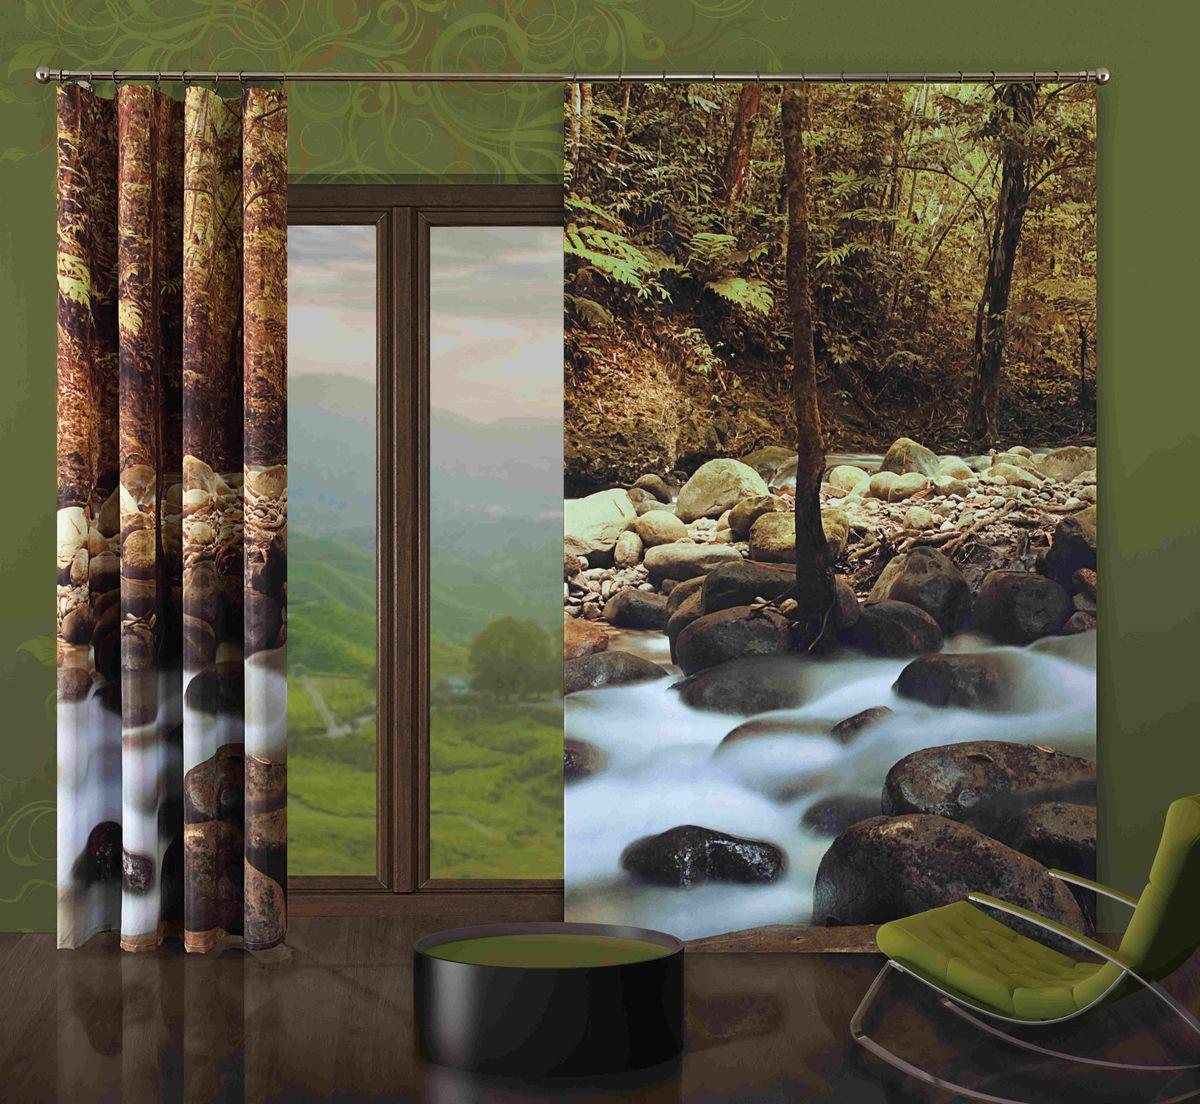 Комплект гардин-панно Wisan Kamienie, на ленте, цвет: коричневый, серый, высота 250 смK100Комплект гардин-панно Wisan Kamienie, изготовленный из полиэстера, станет великолепным украшением любого окна. В комплект входят 2 плотные гардины с изображением камней и леса.Качественный материал, оригинальный дизайн и приятная цветовая гамма привлекут к себе внимание и органично впишутся в интерьер. Комплект оснащен шторной лентой для красивой сборки.В комплект входит: Гардин-панно - 2 шт. Размер (ШхВ): 150 см х 250 см. Фирма Wisan на польском рынке существует уже более пятидесяти лет и является одной из лучших польских фабрик по производству штор и тканей. Ассортимент фирмы представлен готовыми комплектами штор для гостиной, детской, кухни, а также текстилем для кухни (скатерти, салфетки, дорожки, кухонные занавески). Модельный ряд отличает оригинальный дизайн, высокое качество. Ассортимент продукции постоянно пополняется.